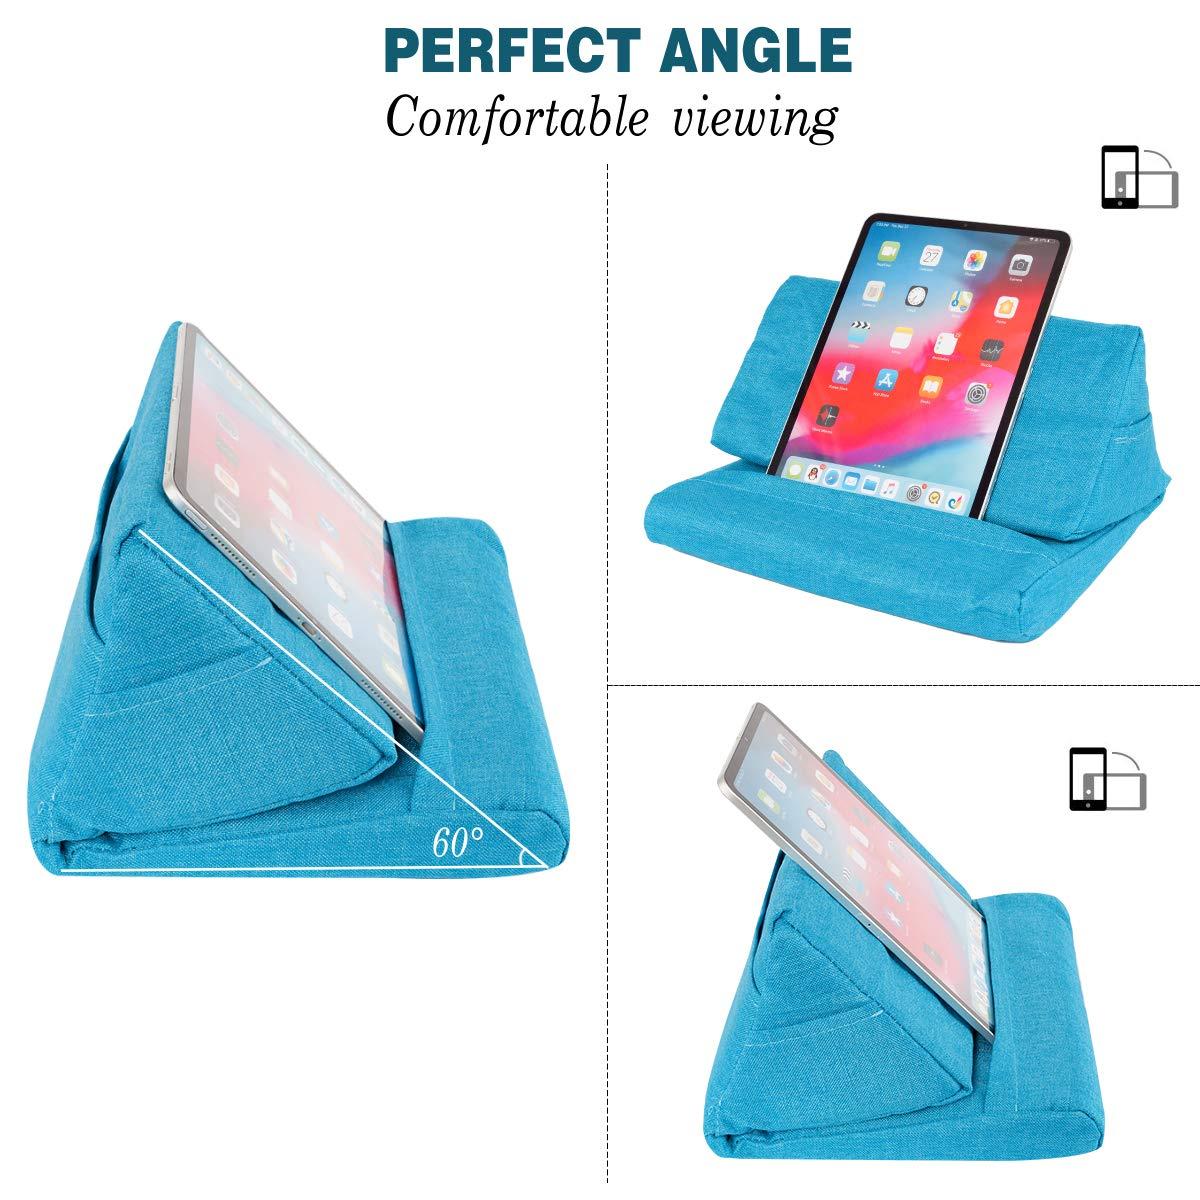 Supporto Cuscino per Divano eReader con Tasca Piccola per Tablet e-Reader Smartphone Smartphone aeroplanino riviste Locisne Cuscino Divano Supporto per Tablet Laptop